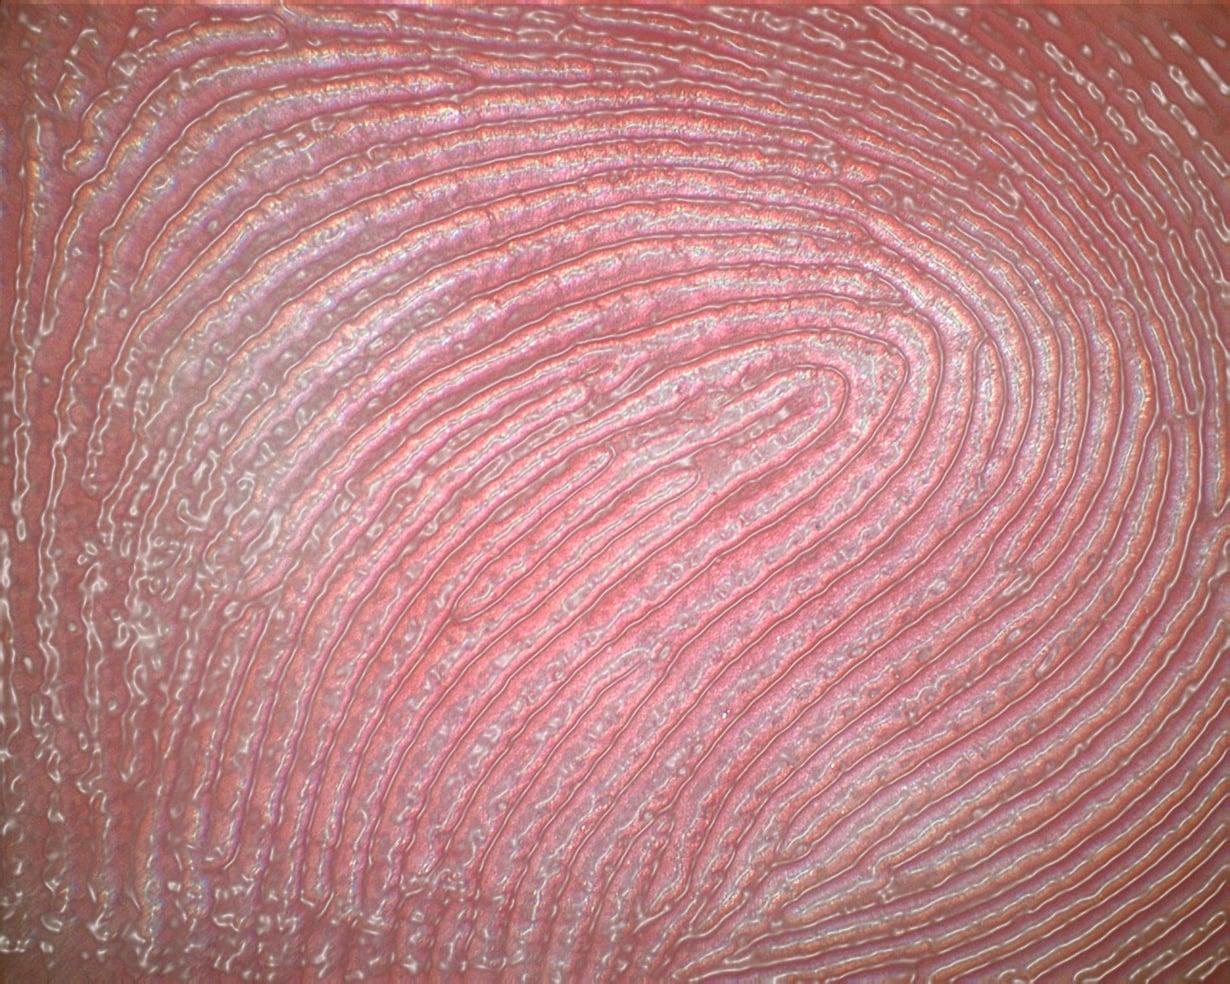 Tietokone on tässä korostanut niitä harjanteita, joita meillä kaikilla on sormenpäissämme. Kuva: DAVID BECKER / SCIENCE PHOTO LIBRARY